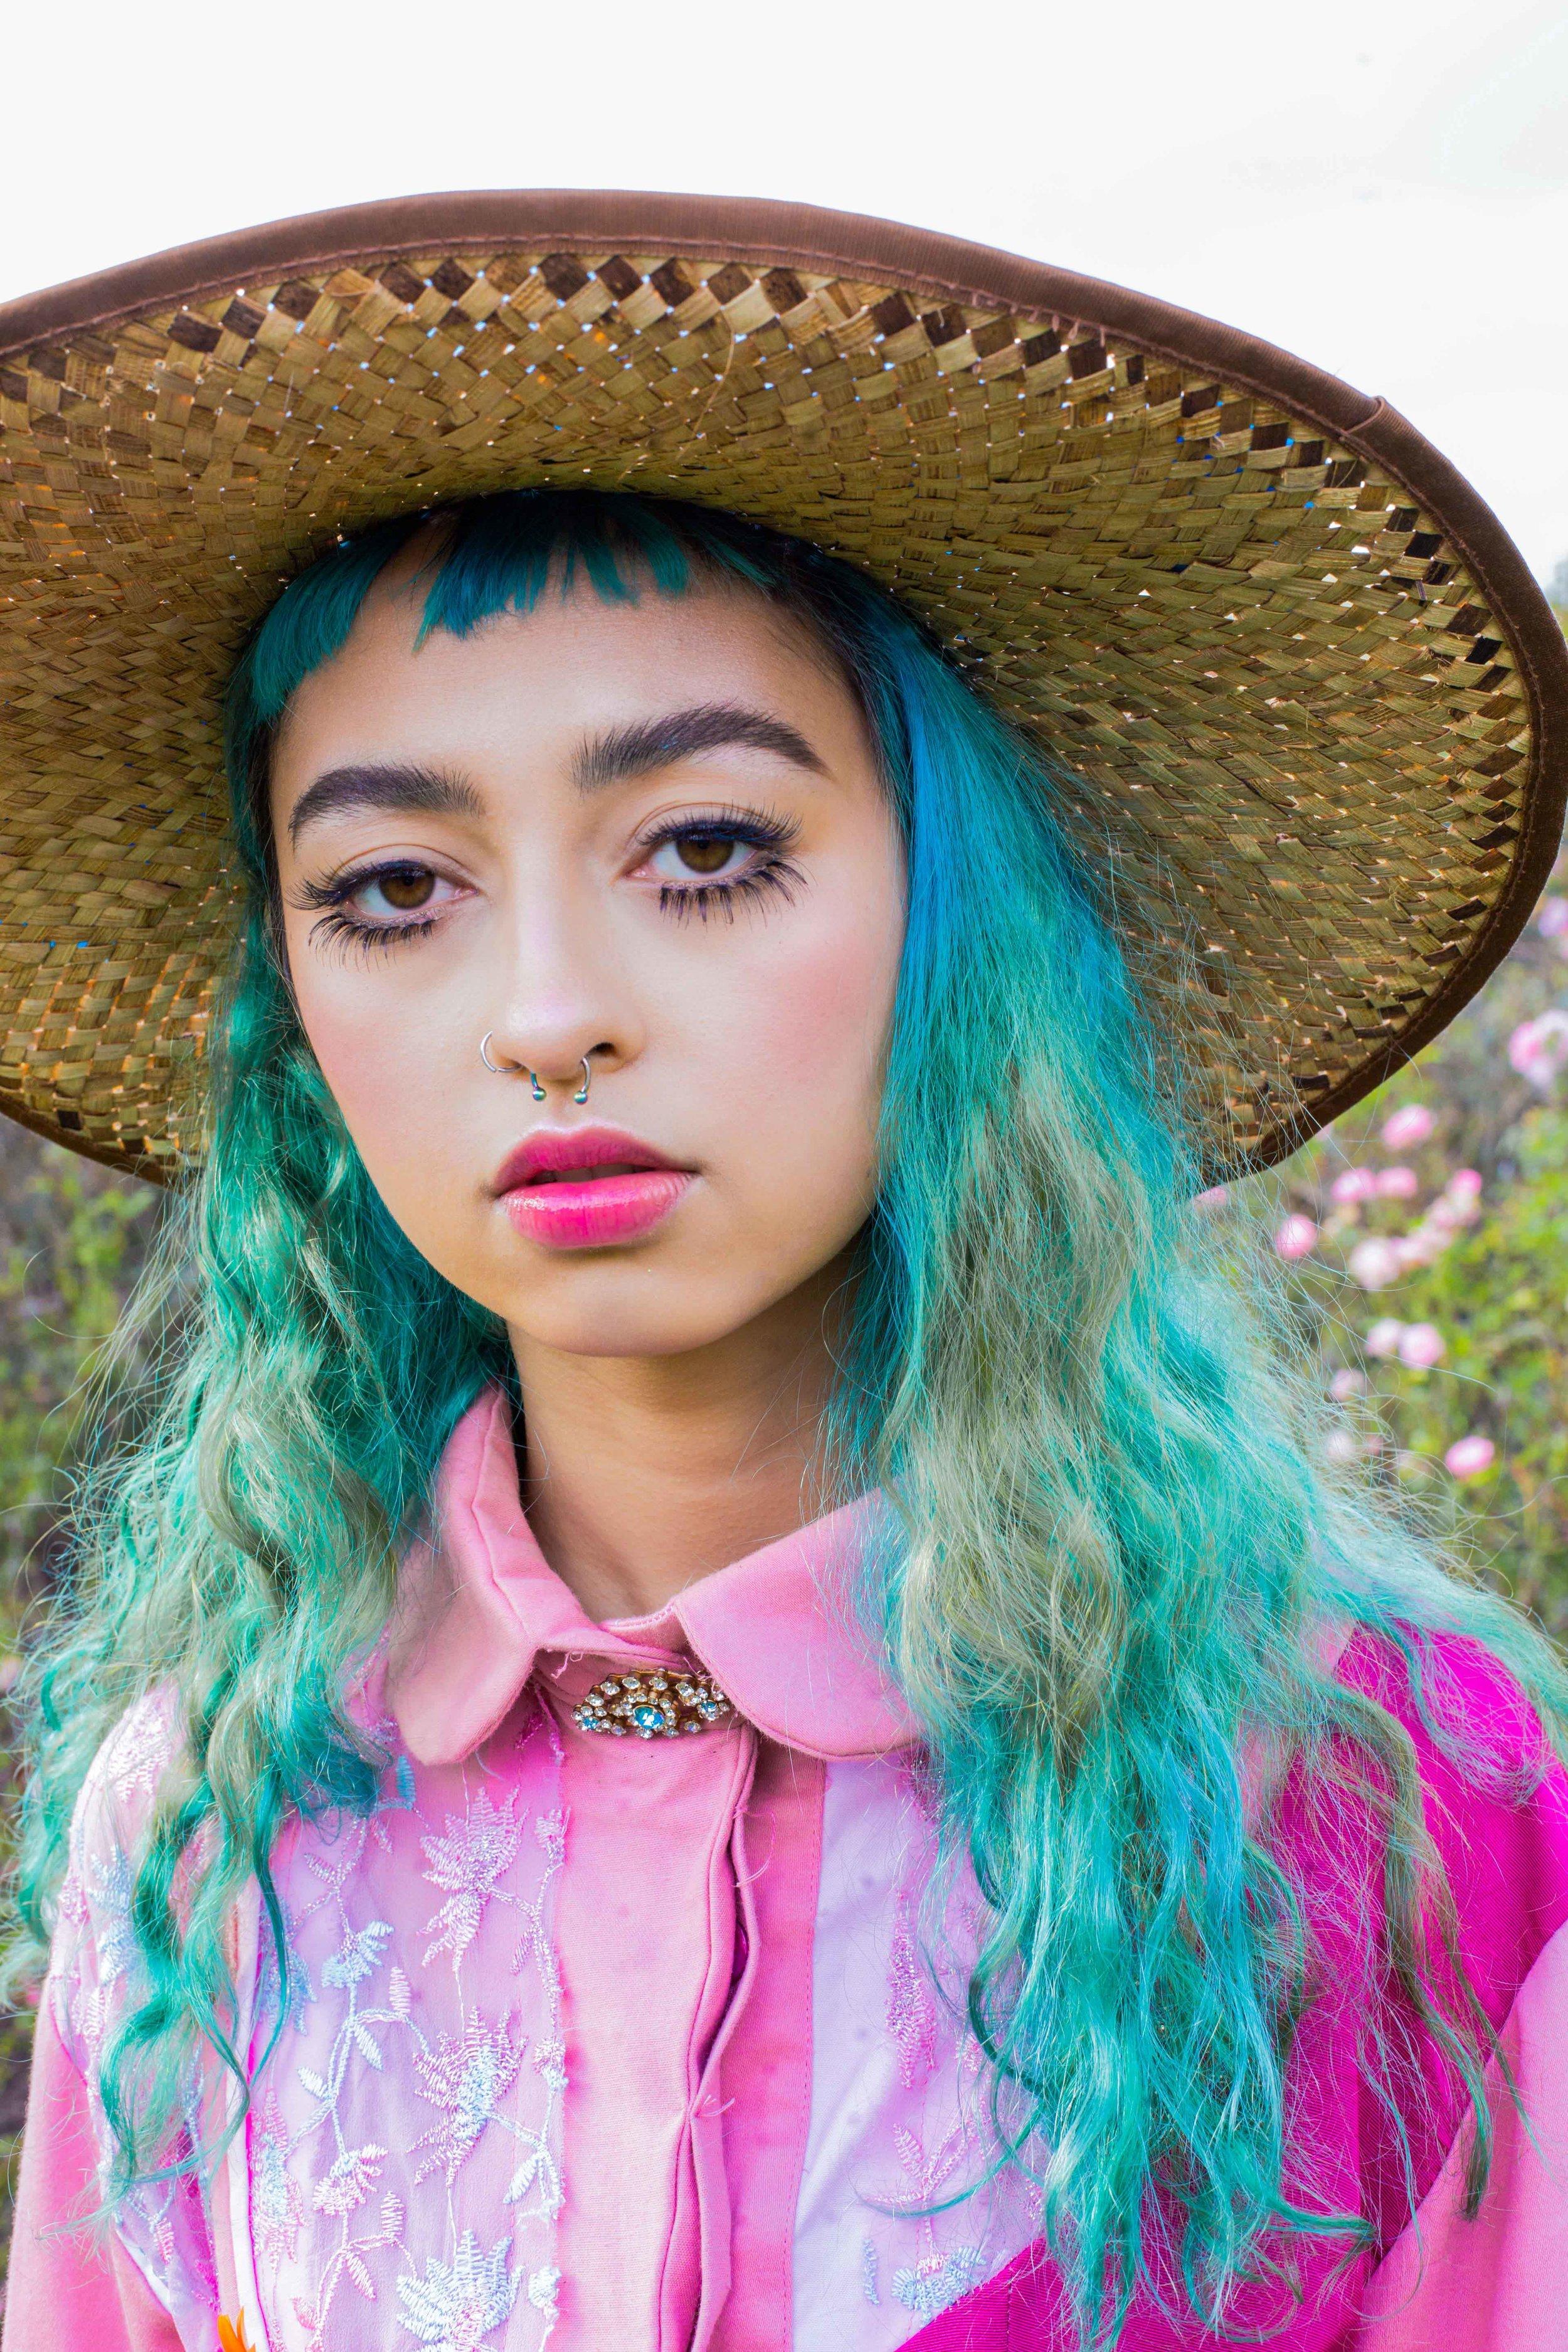 Dress: Celine Kwan  Hat: Stylists own